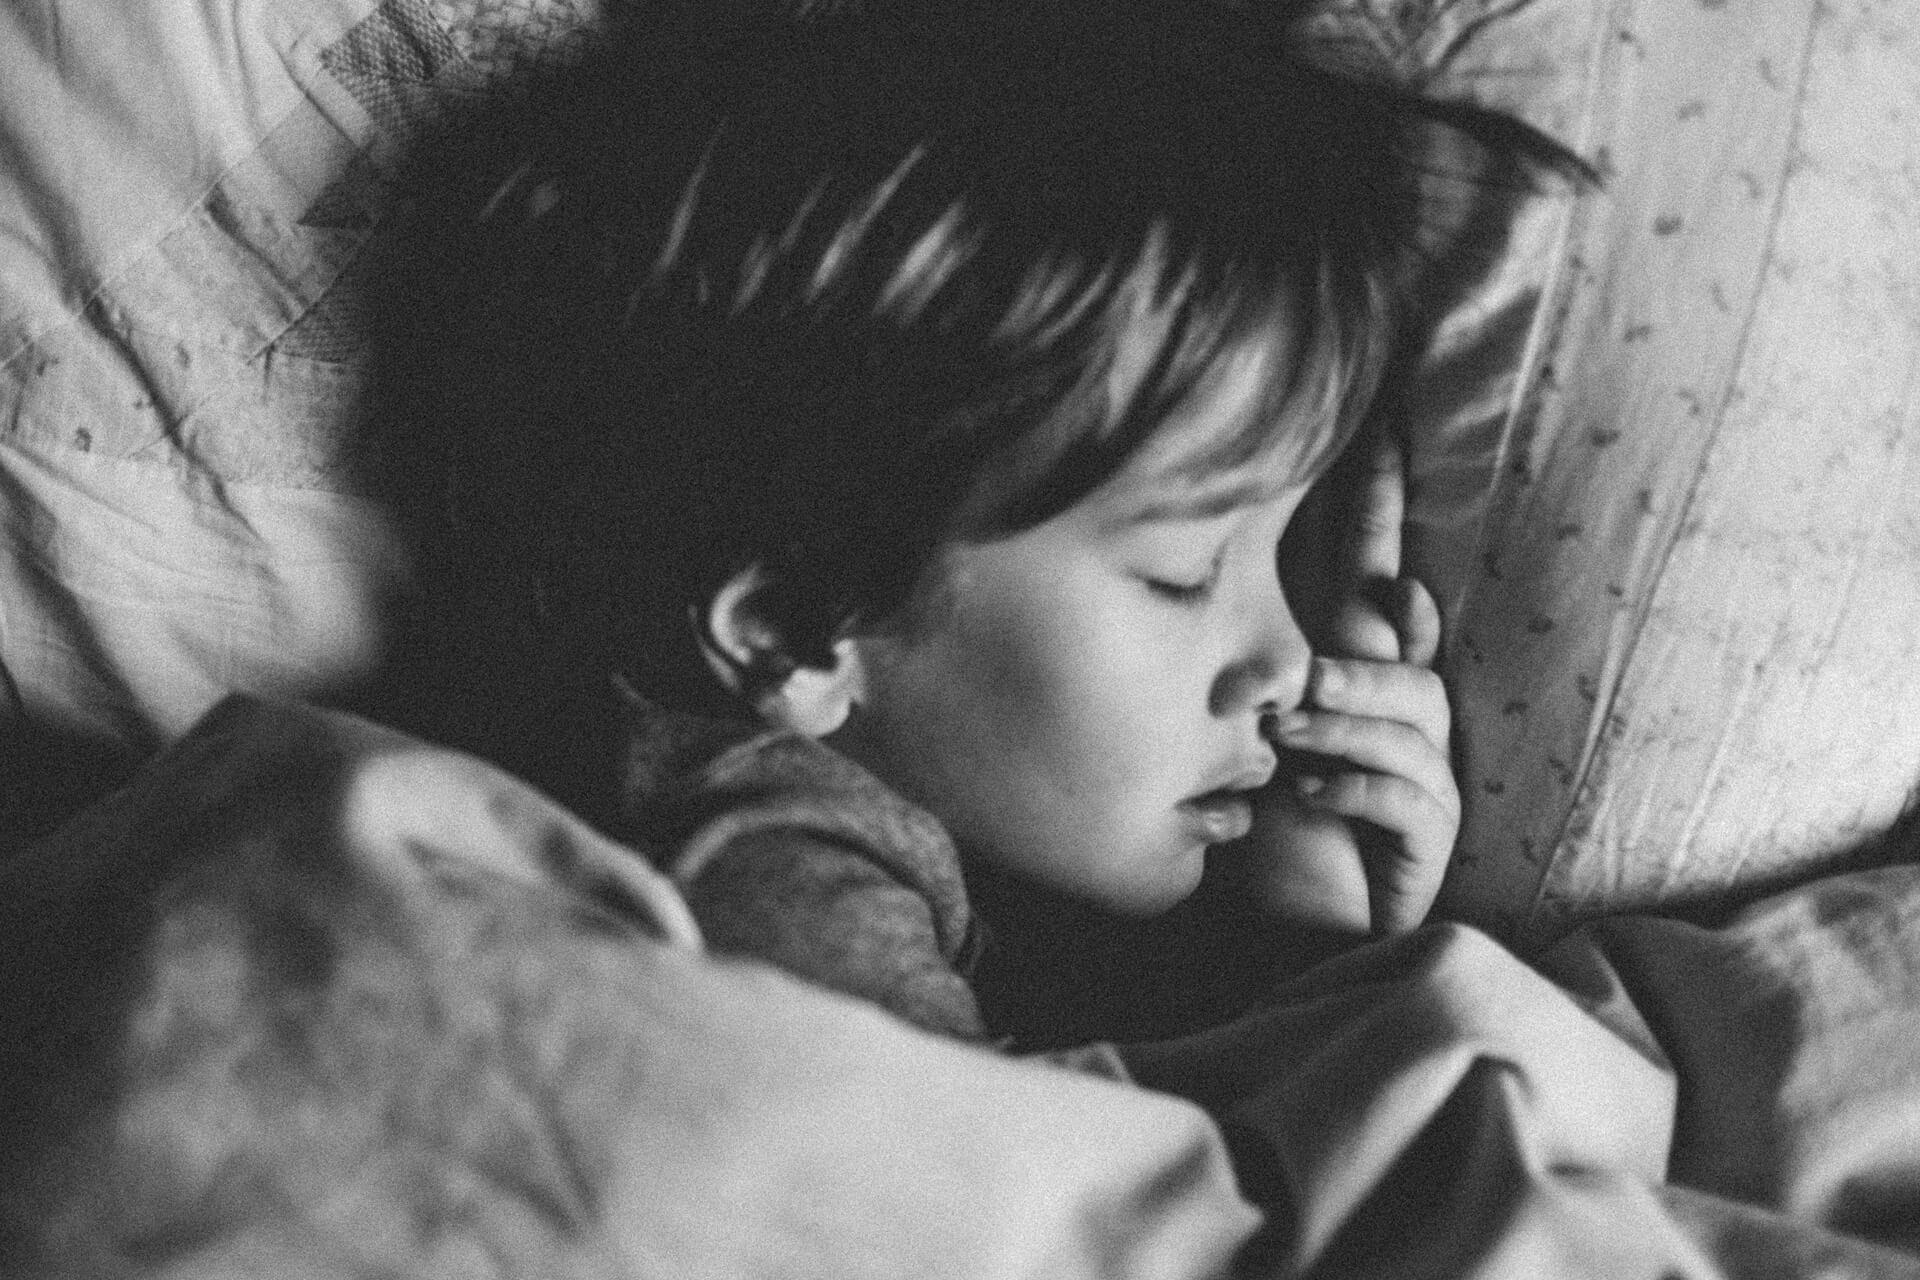 Consejos para que duerma tranquilo